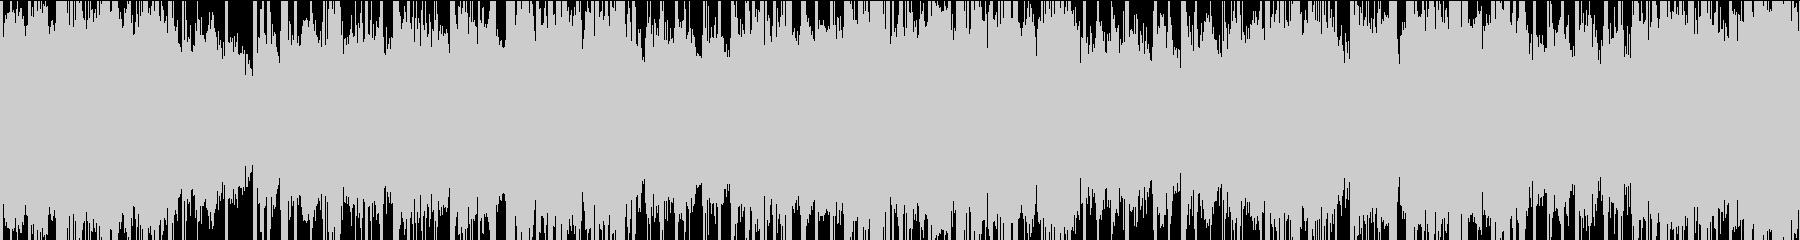 クールなタイトル画面BGM【ループ対応】の未再生の波形